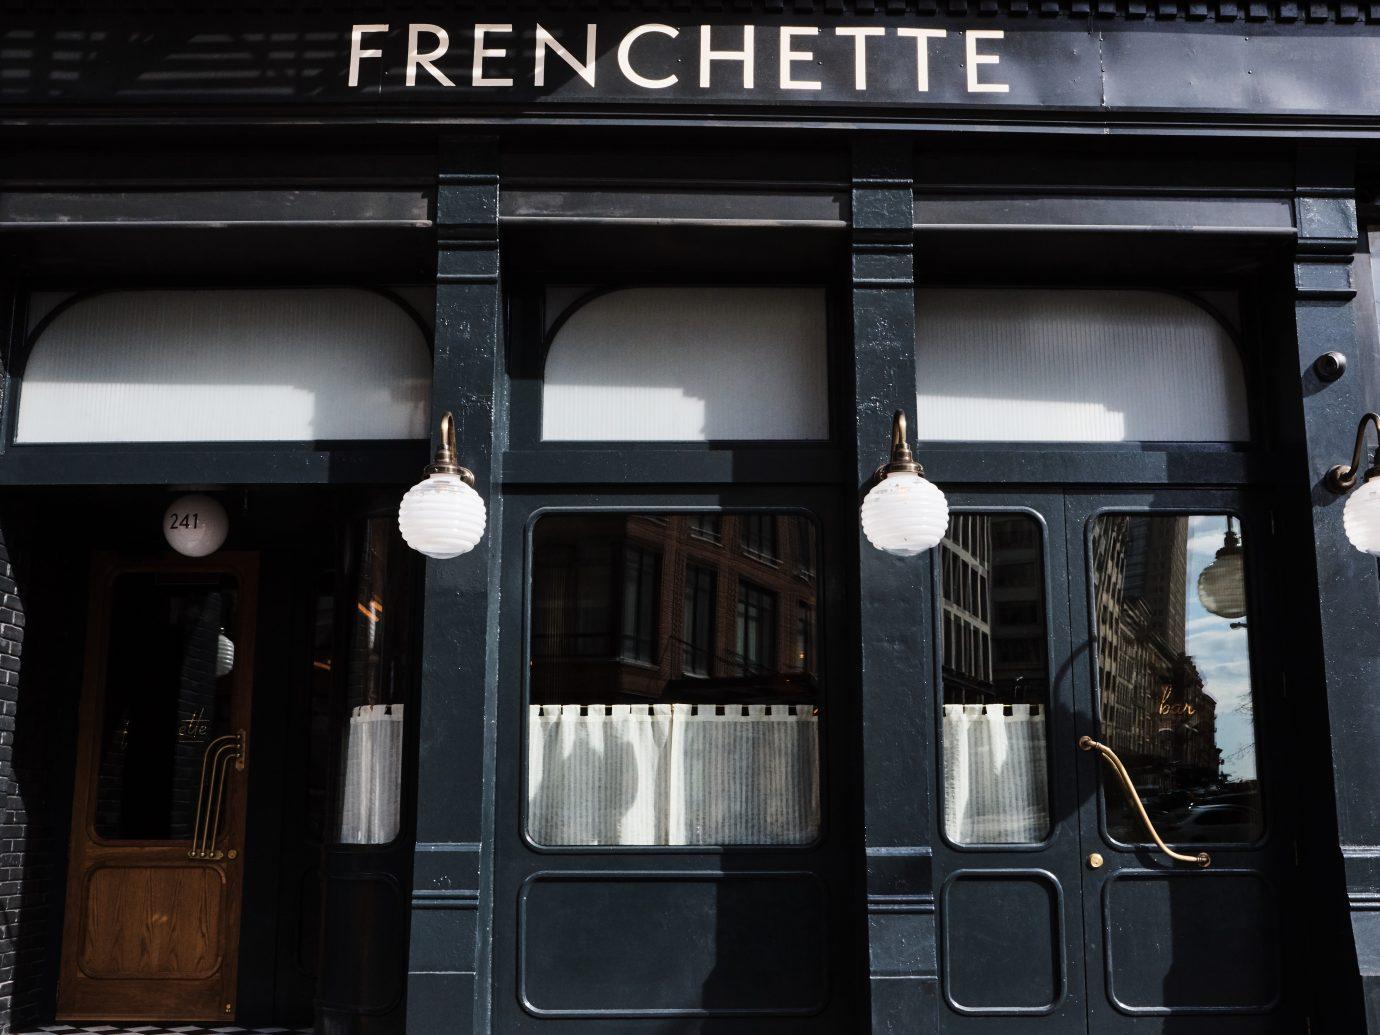 Frenchette exterior